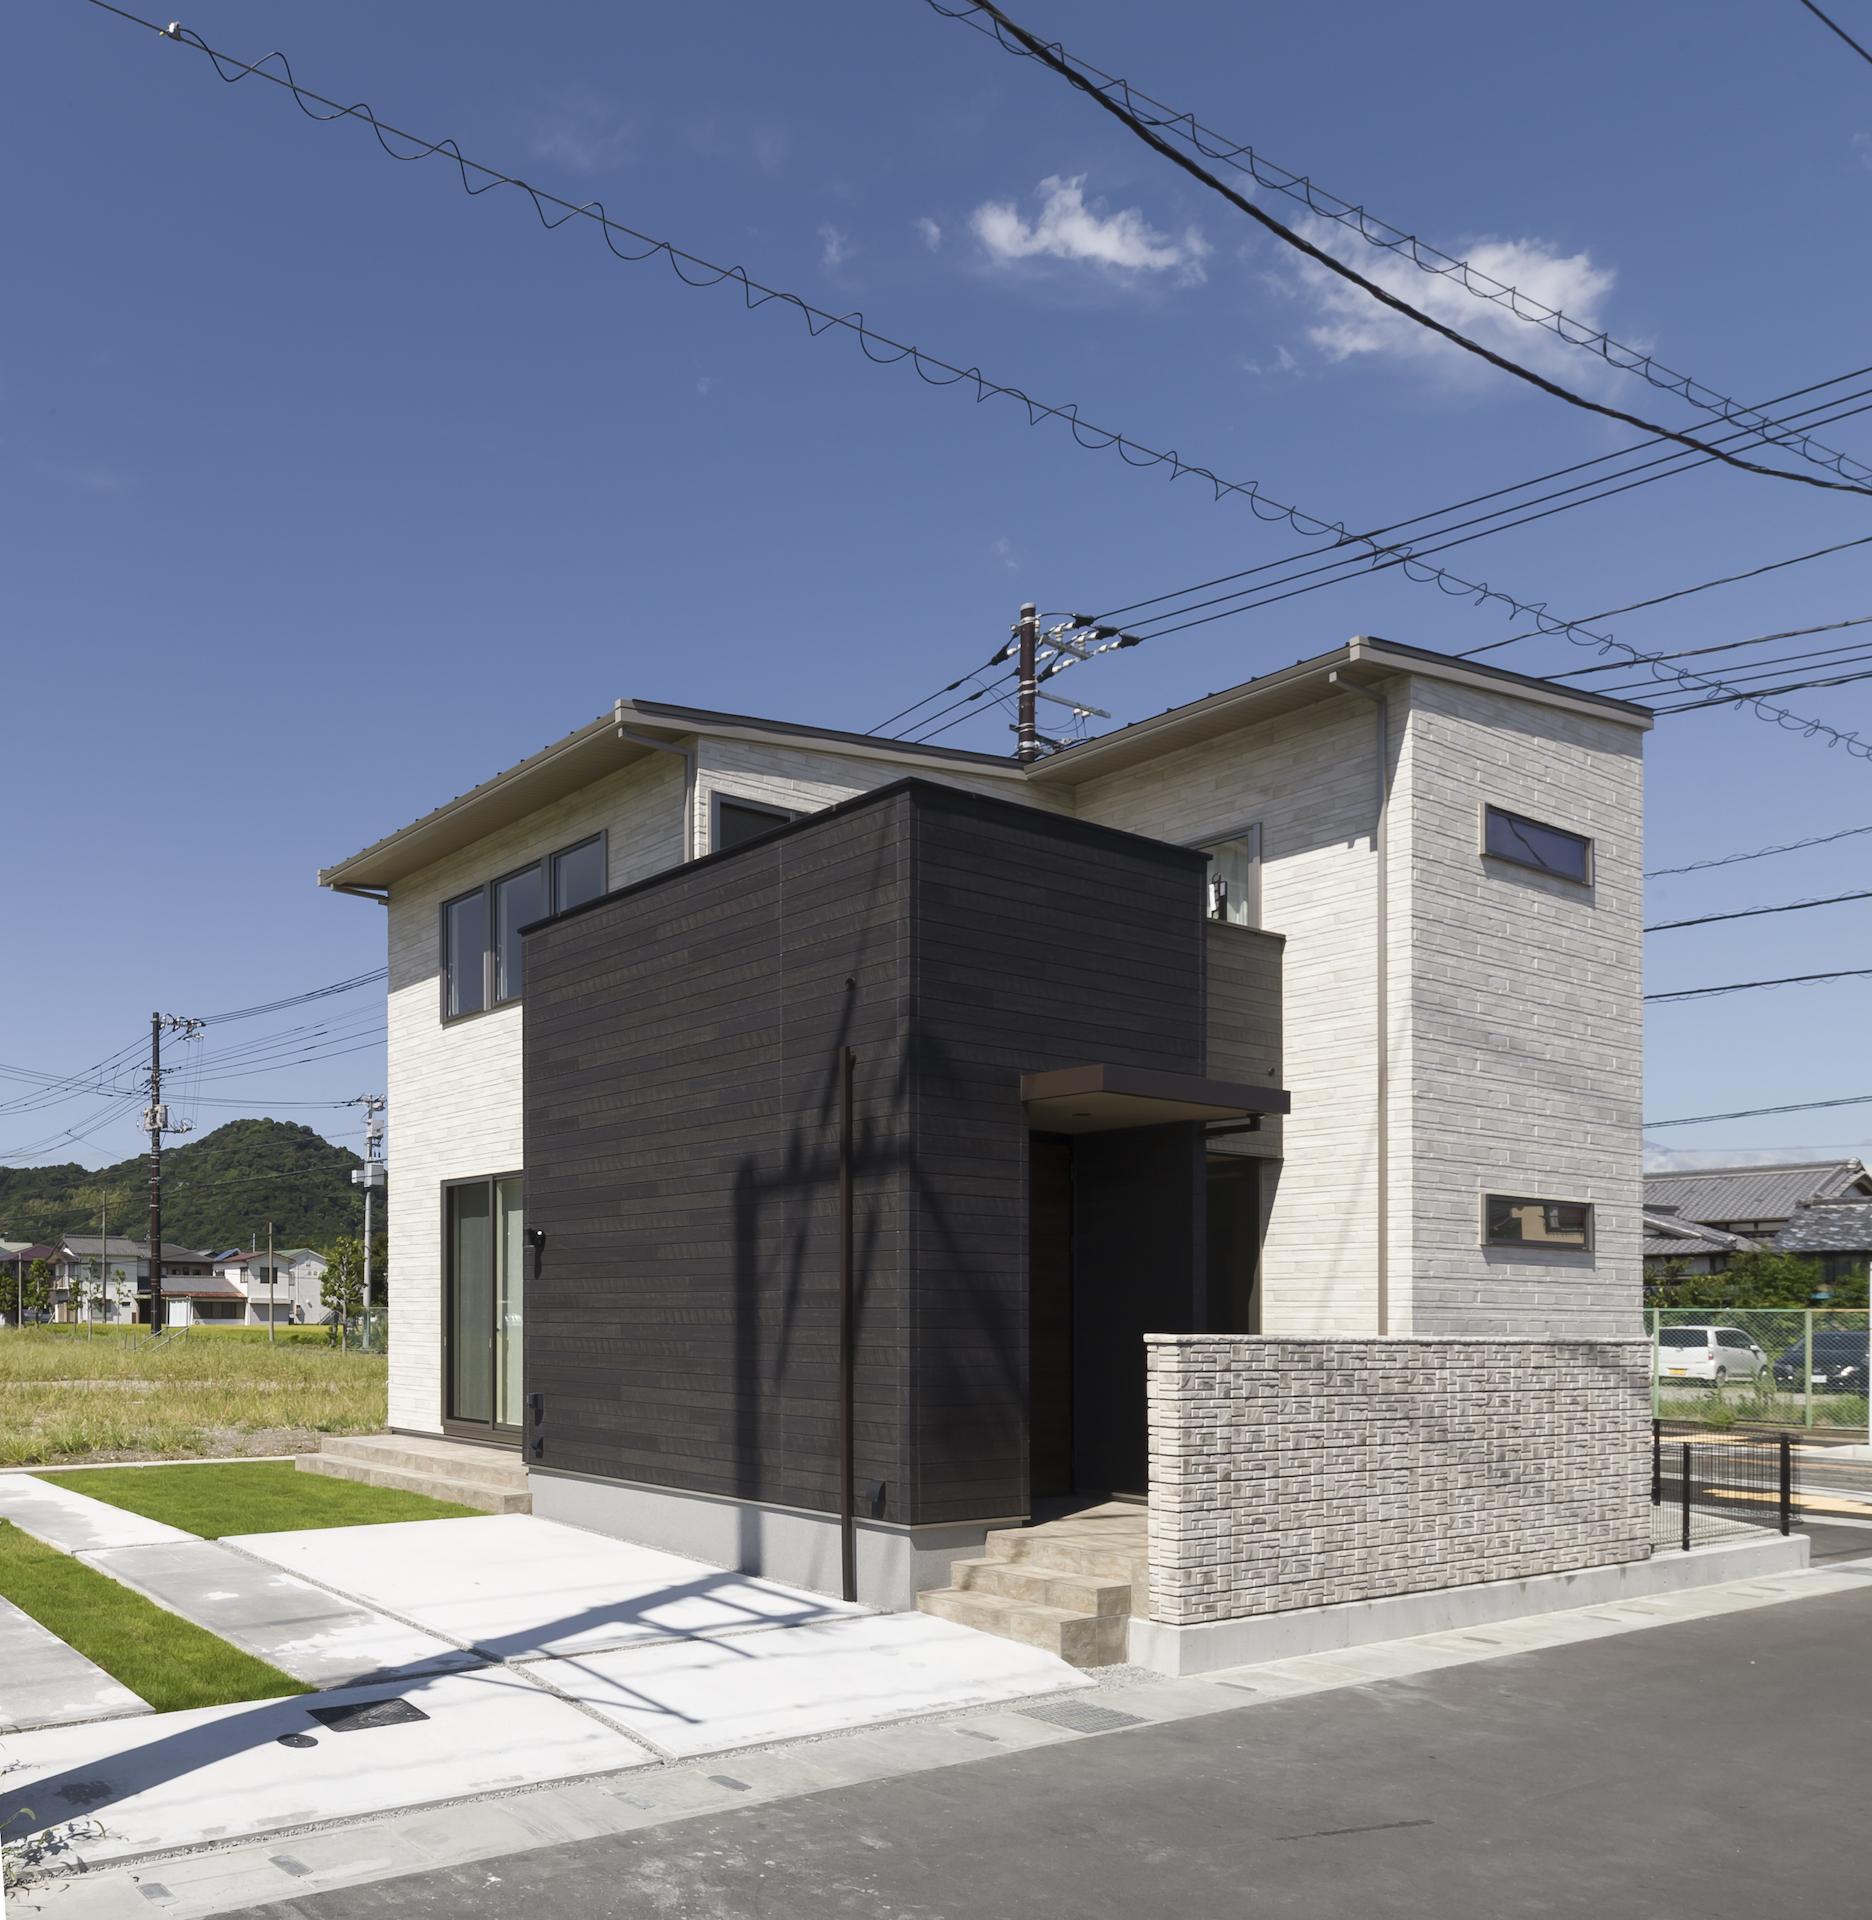 ミサワホーム静岡【デザイン住宅、収納力、インテリア】大きなバルコニーとメリハリある外壁の貼り分けが印象的。美しい佇まいは、断熱性能などの機能だけでなく、建物全体との調和や、窓の景色をいかに美しく切り取ることができるかといったところまでに注力した、ミサワホームオリジナルのサッシのおかげでもある